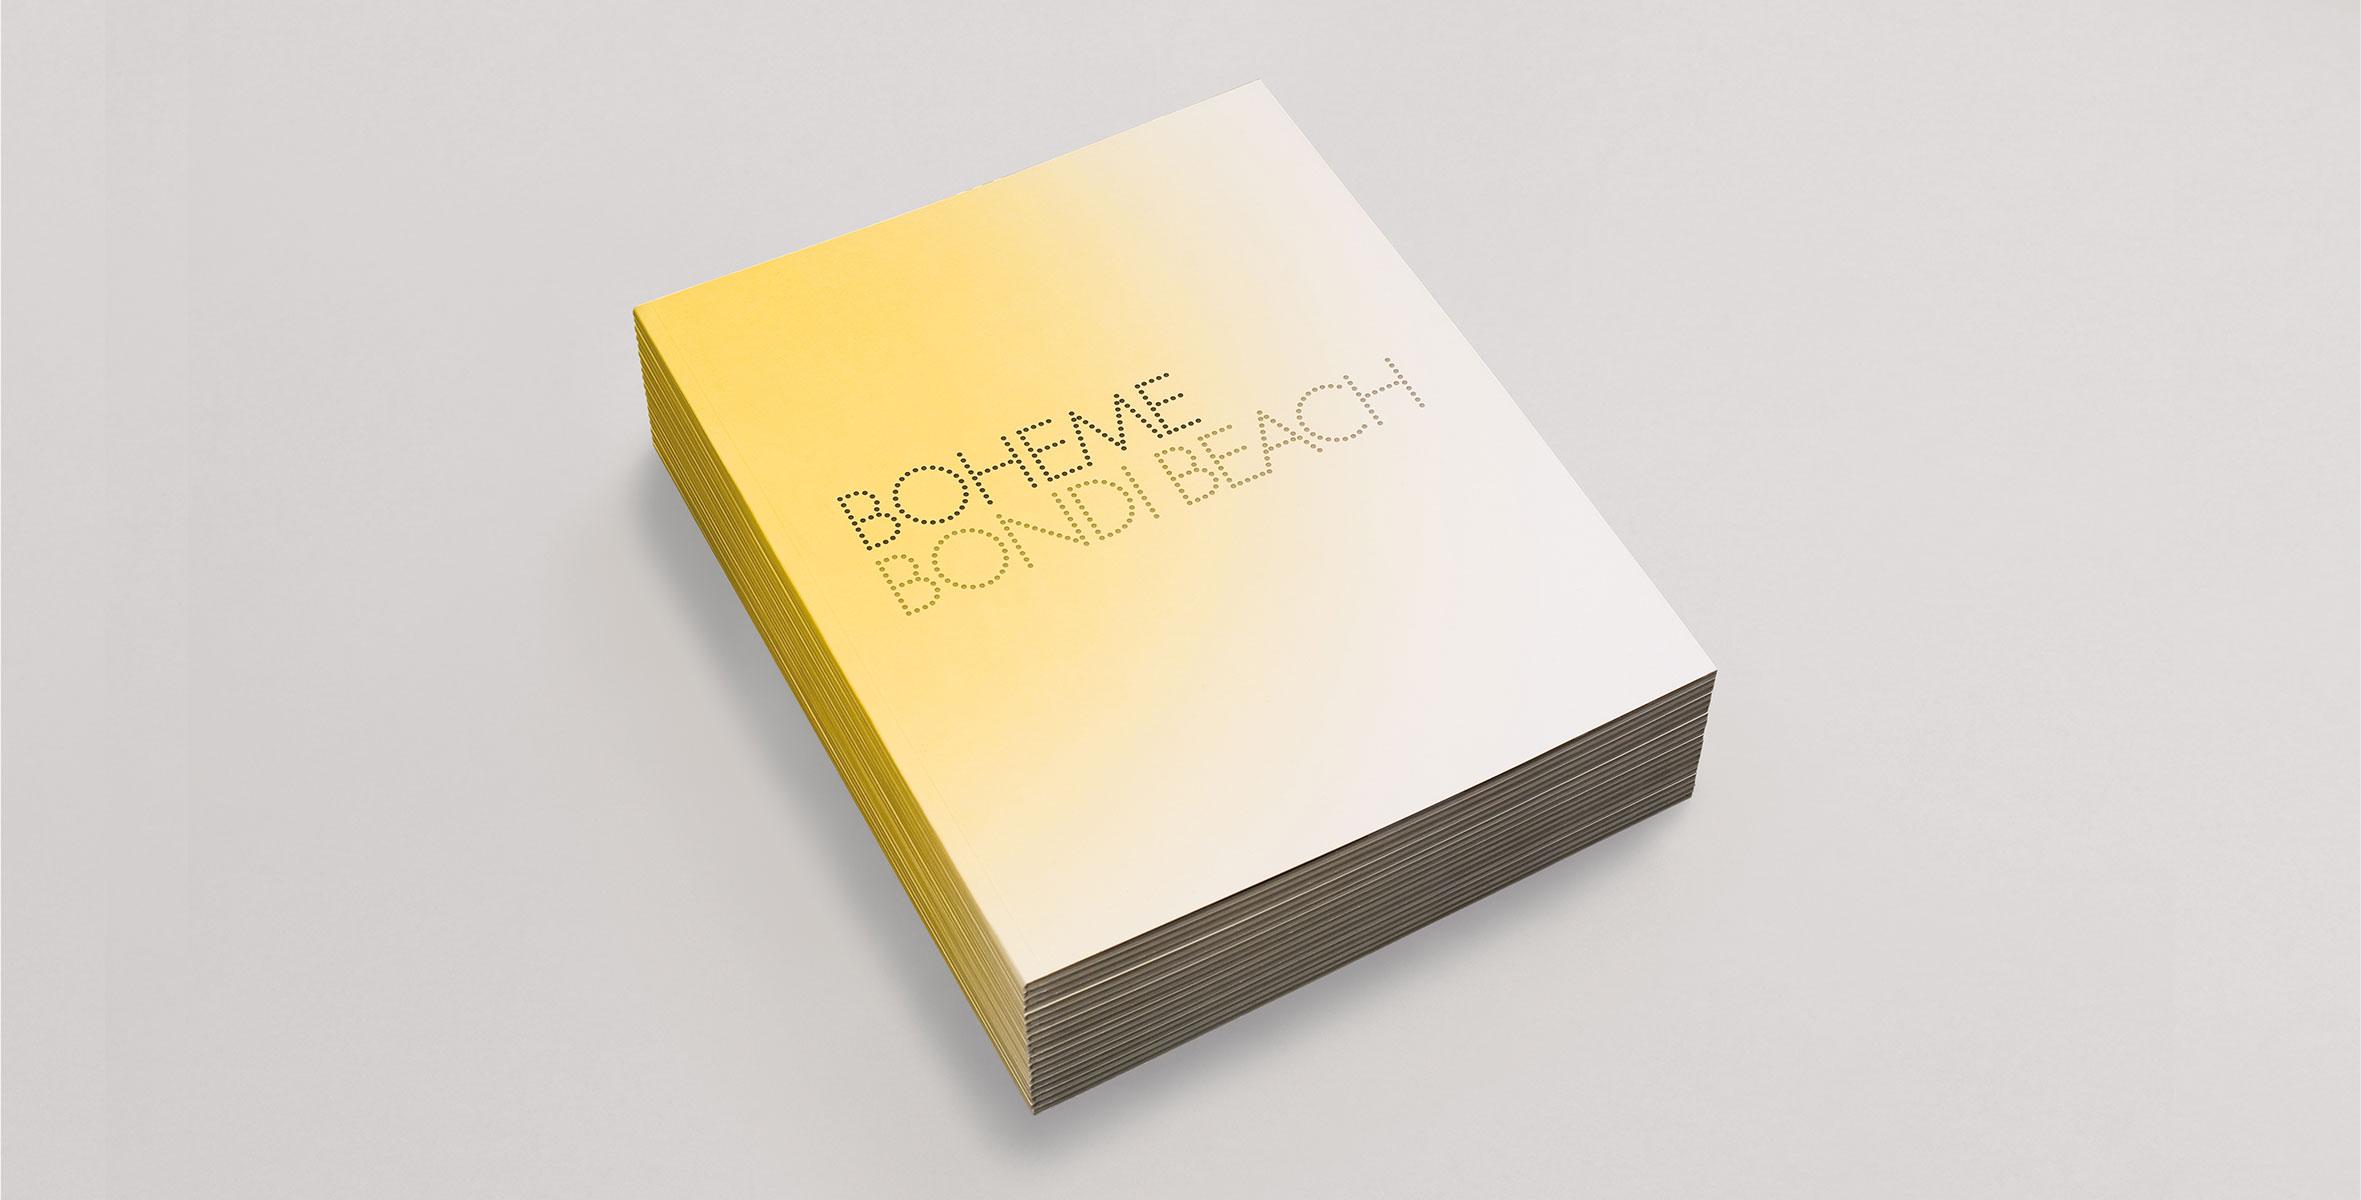 Hoyne Boheme Bondi